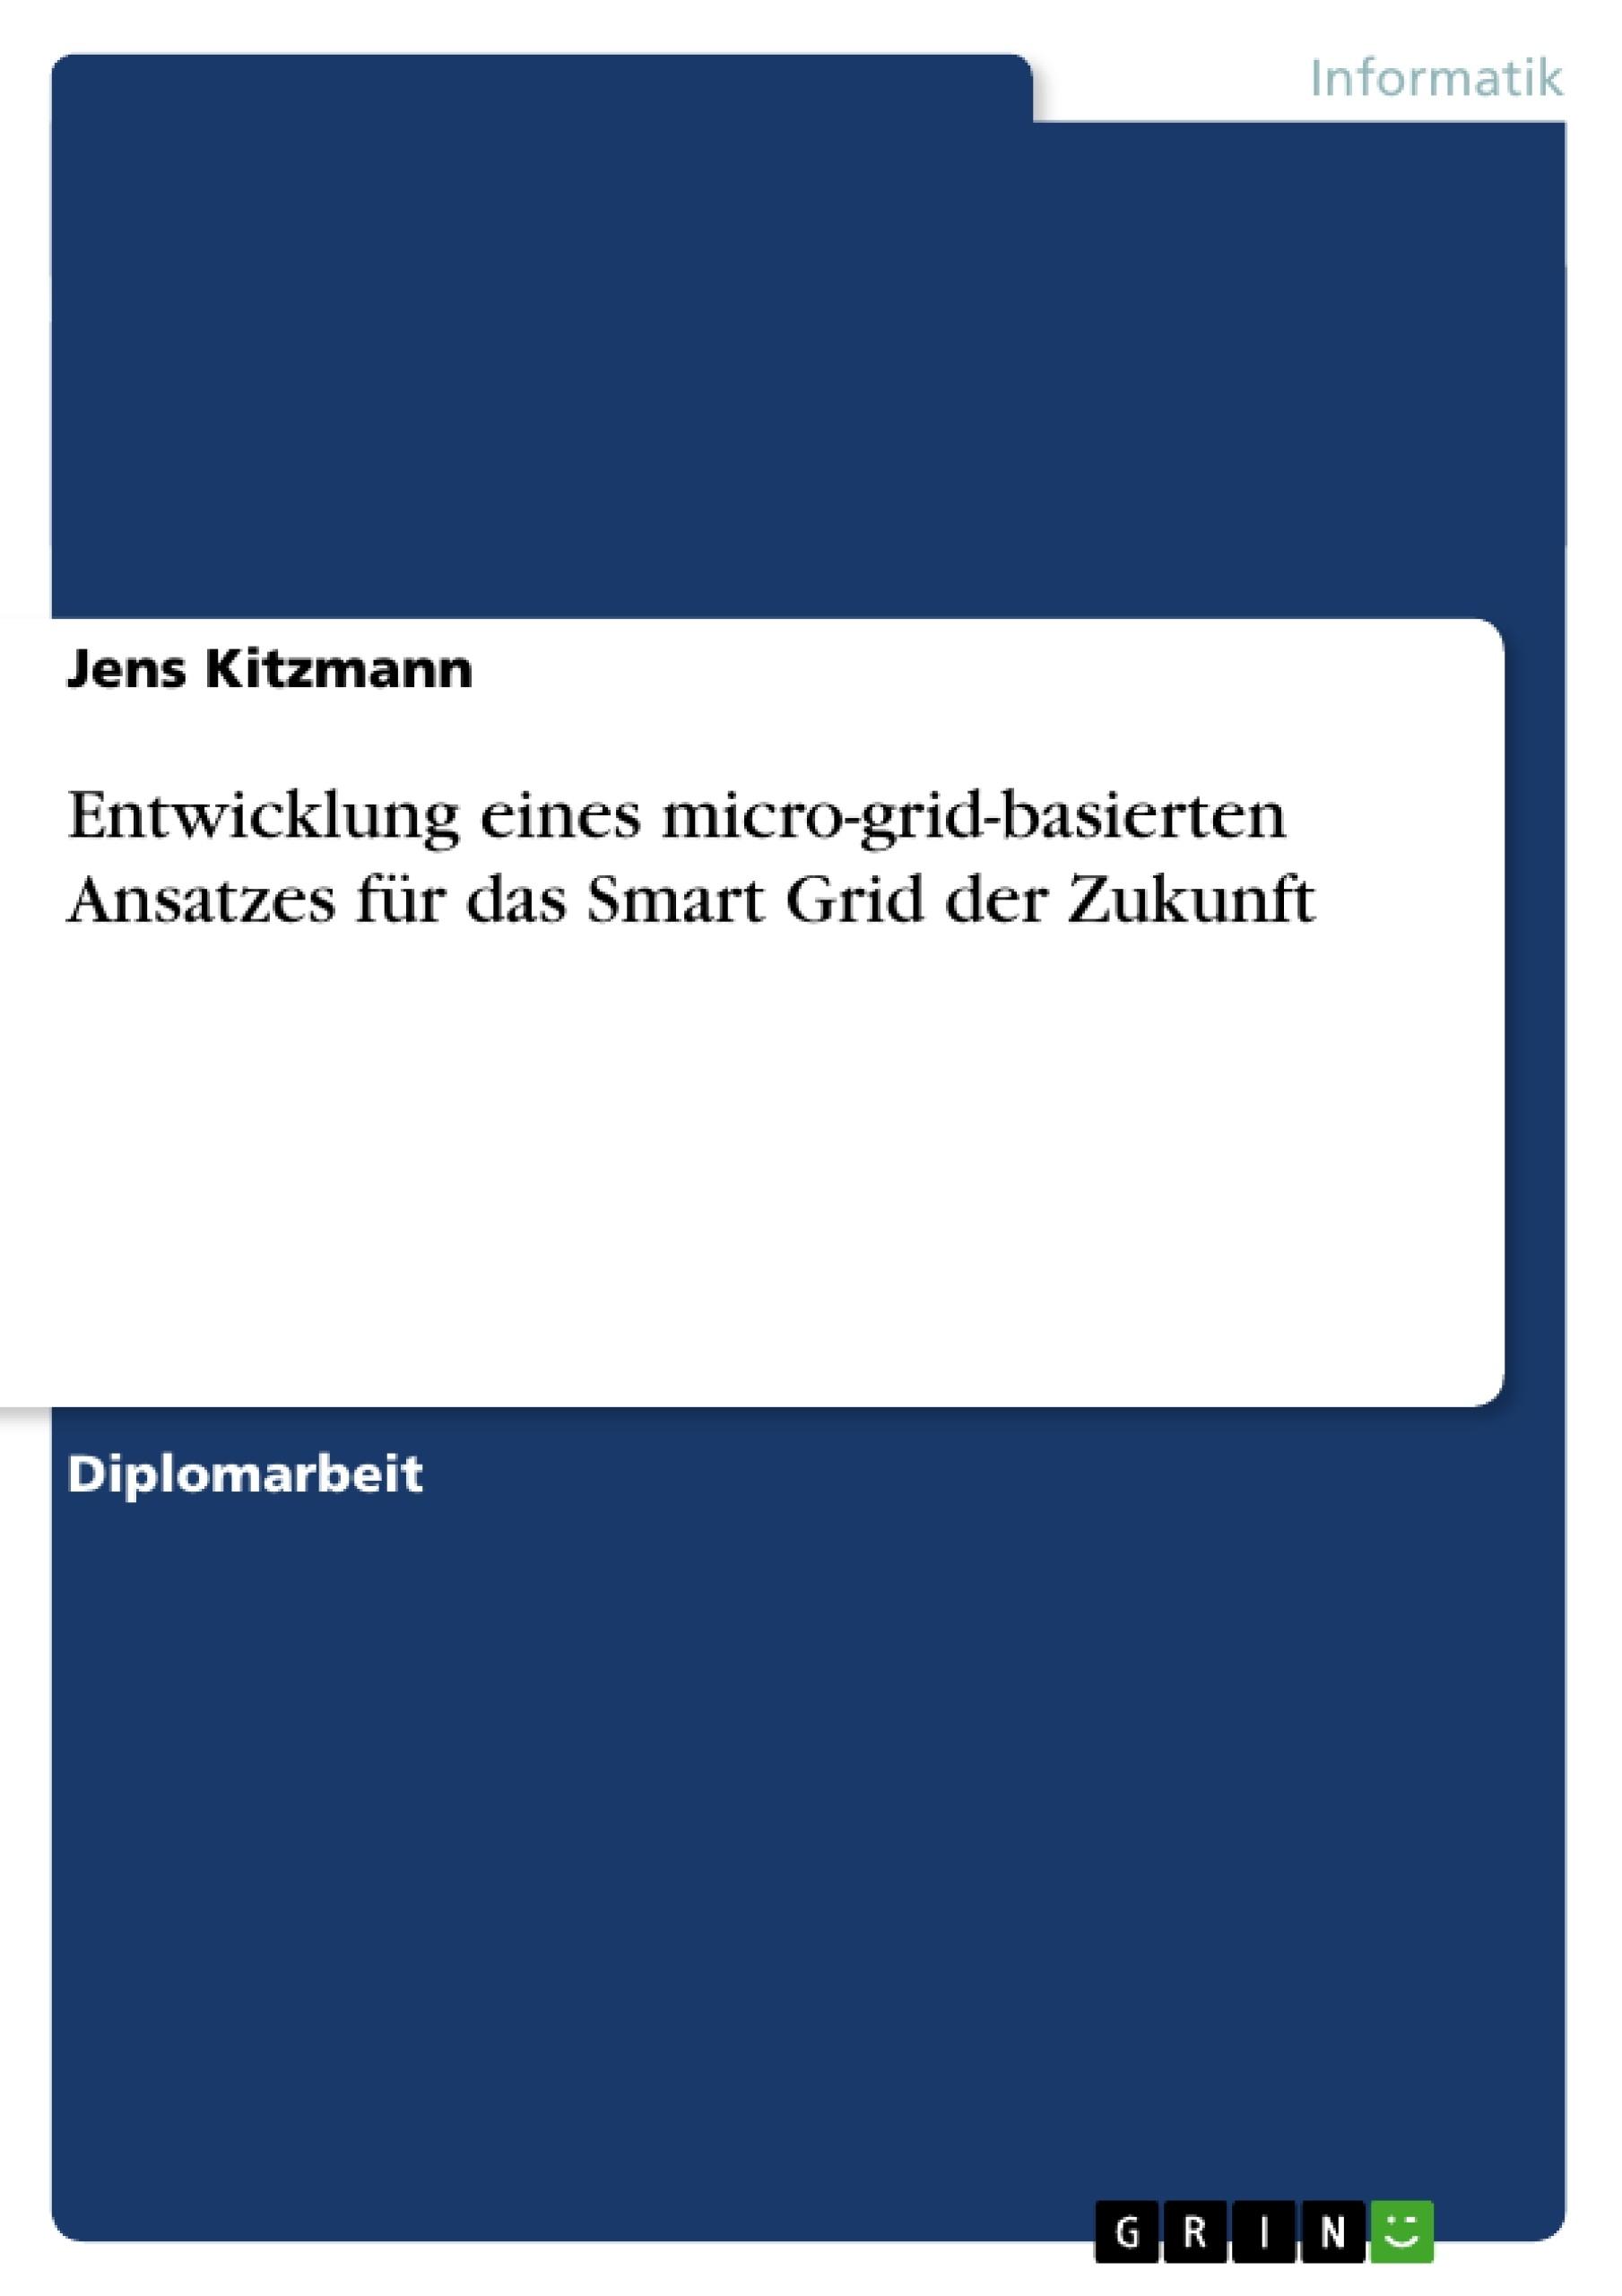 Titel: Entwicklung eines micro-grid-basierten Ansatzes für das Smart Grid der Zukunft